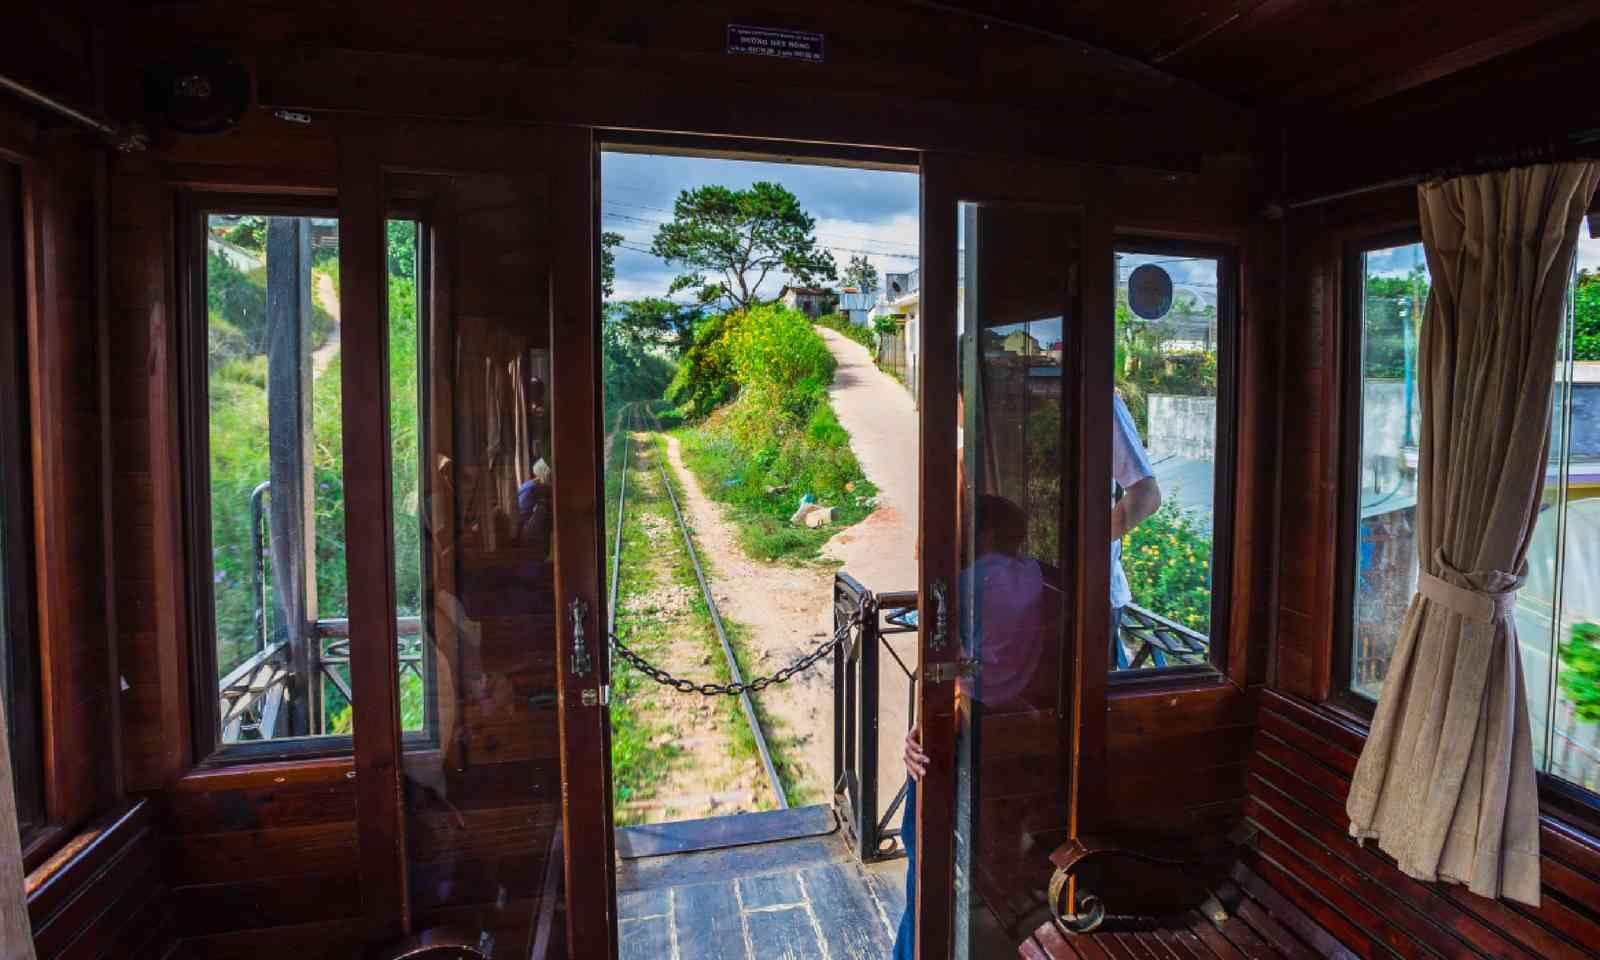 Train in Dalat, Vietnam (Shutterstock)